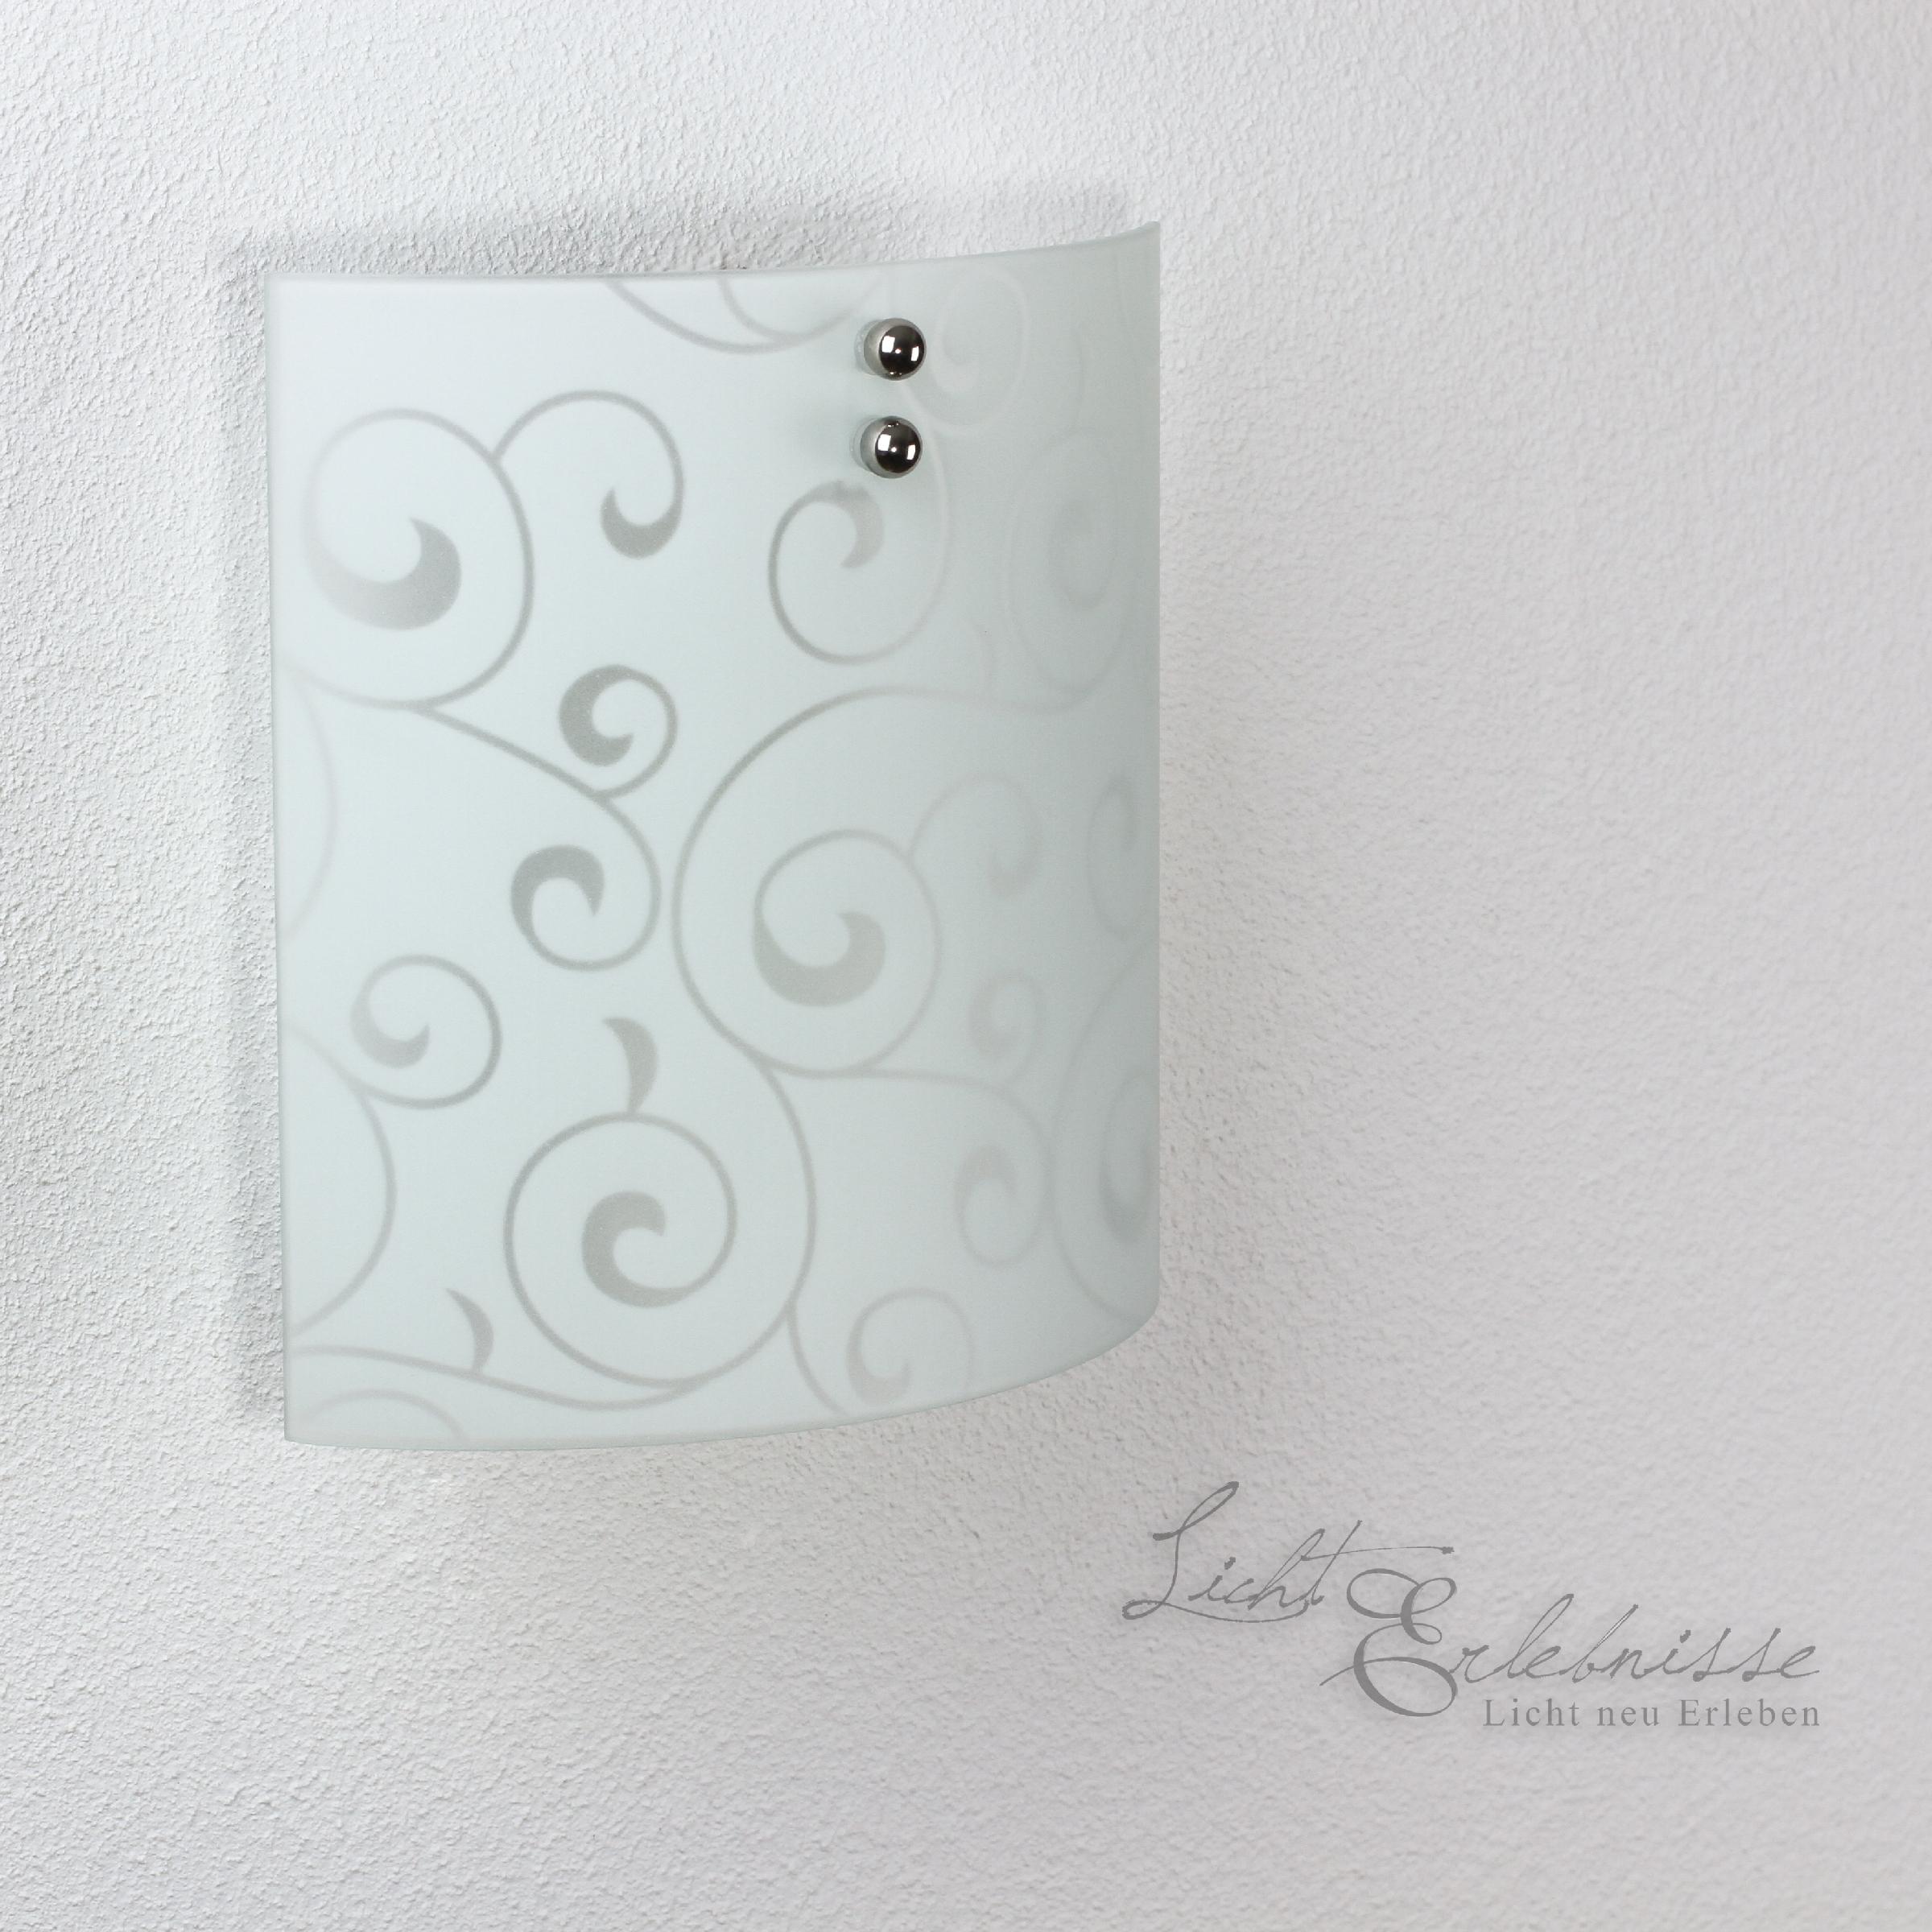 moderne glas wandleuchte flach wohnzimmer flur wand lampe